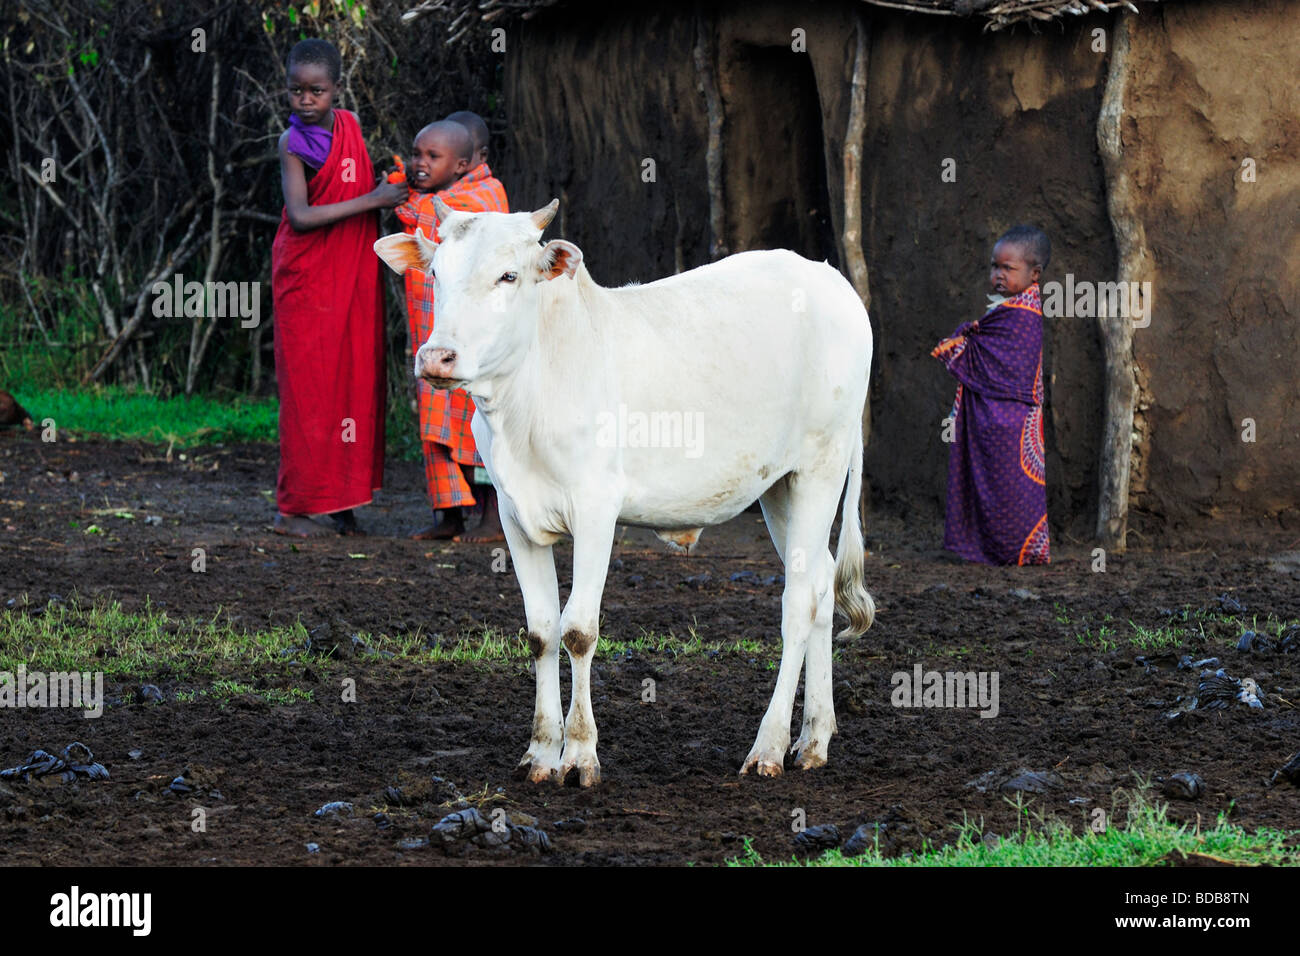 Masai Kuh Spaziergang Durch Dorf Wahrend Einer Hochzeitszeremonie In